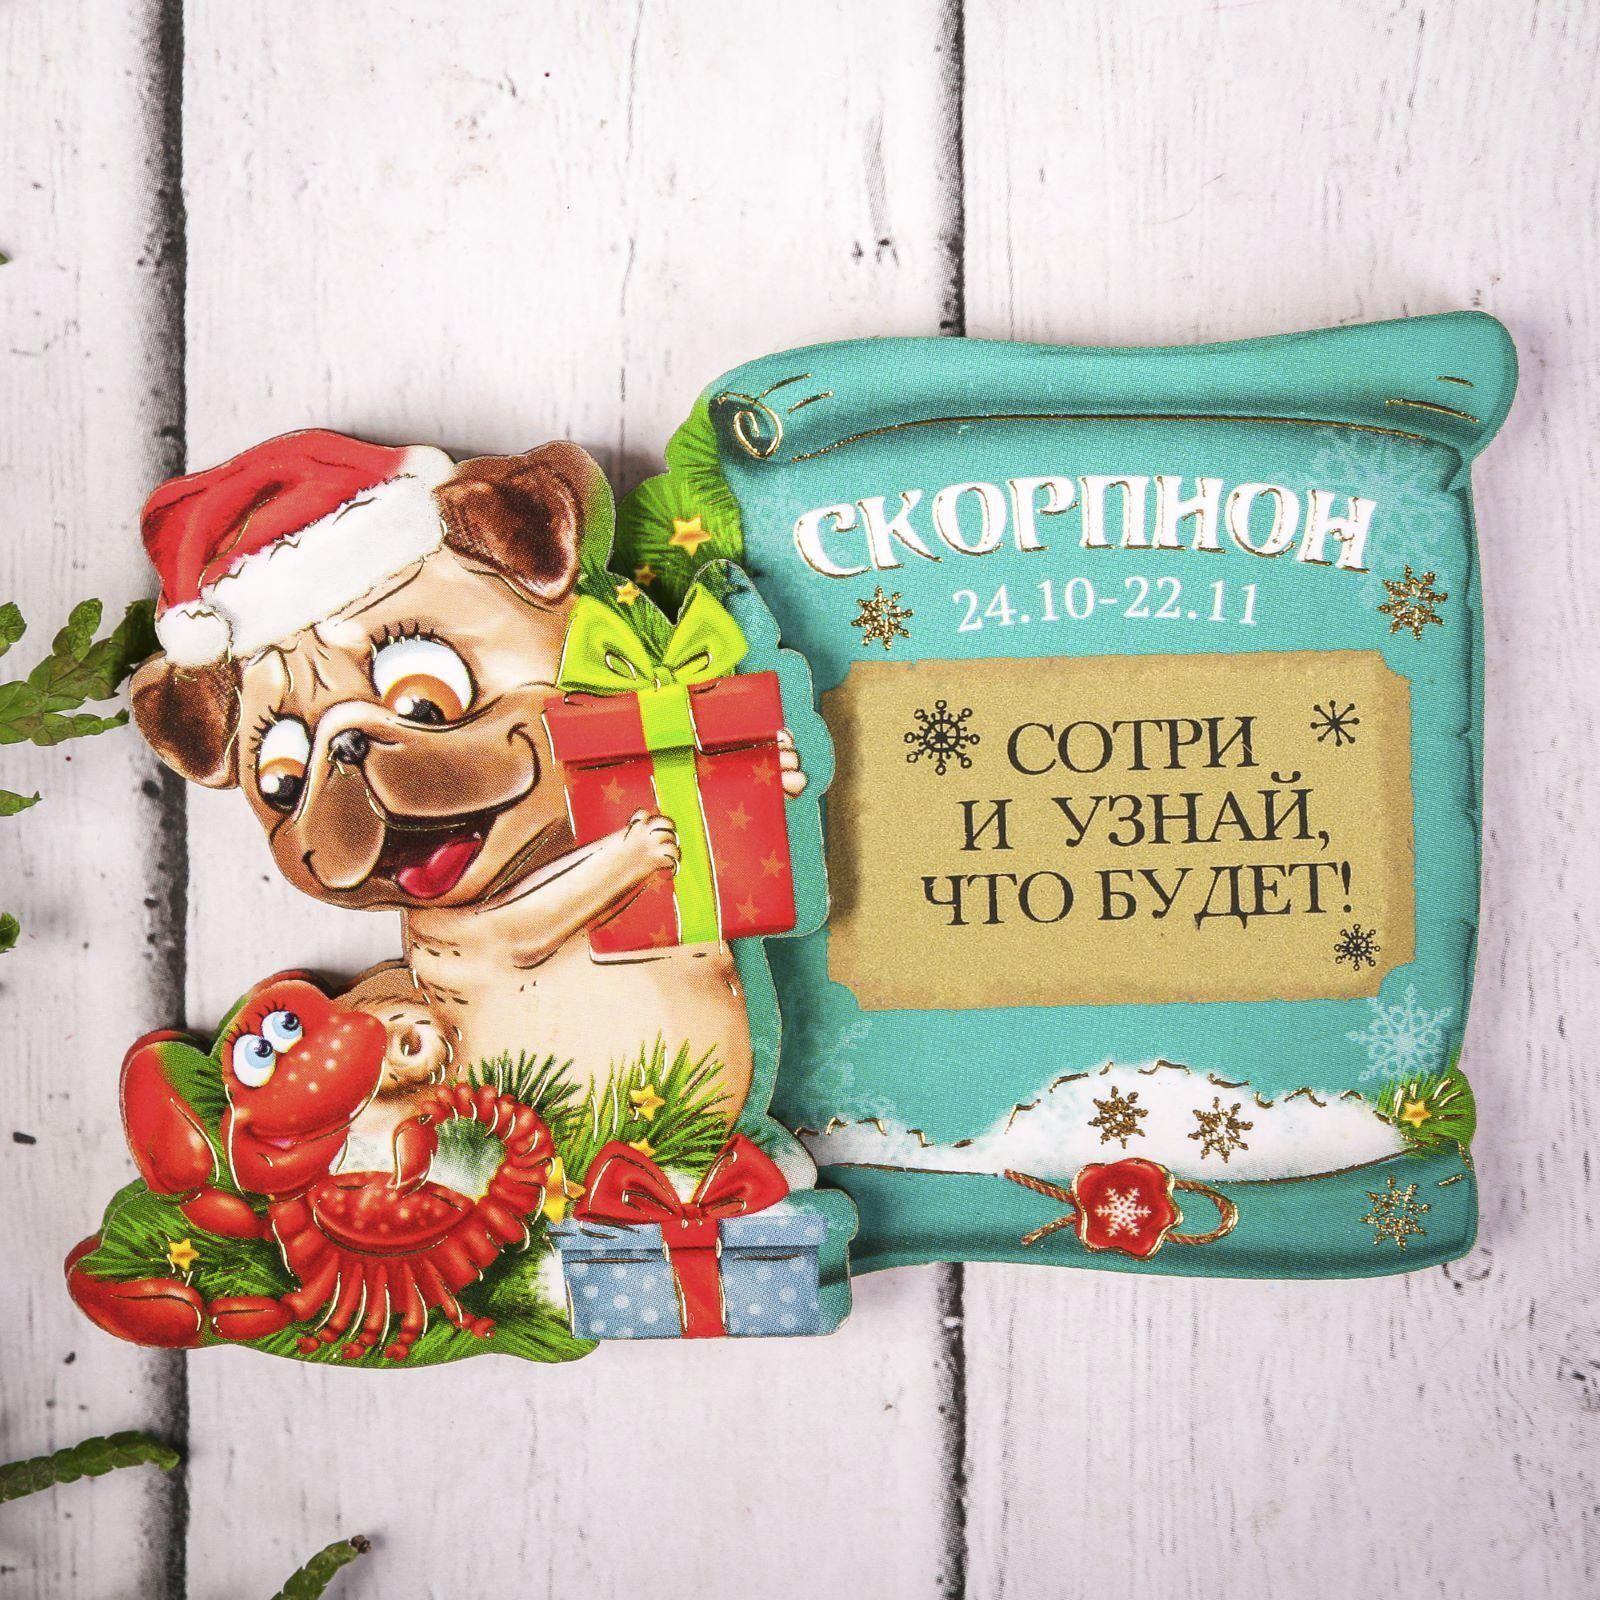 Магнит Sima-land Гороскоп. Скорпион, со скретч-слоем, 9 х 6,4 см1982842Порадуйте родных и близких оригинальным сувениром: преподнесите в подарок магнит. С ним даже самый серьёзный человек почувствует себя ребёнком, ожидающим чудо! Создайте праздничное настроение, и оно останется с вами на весь год.